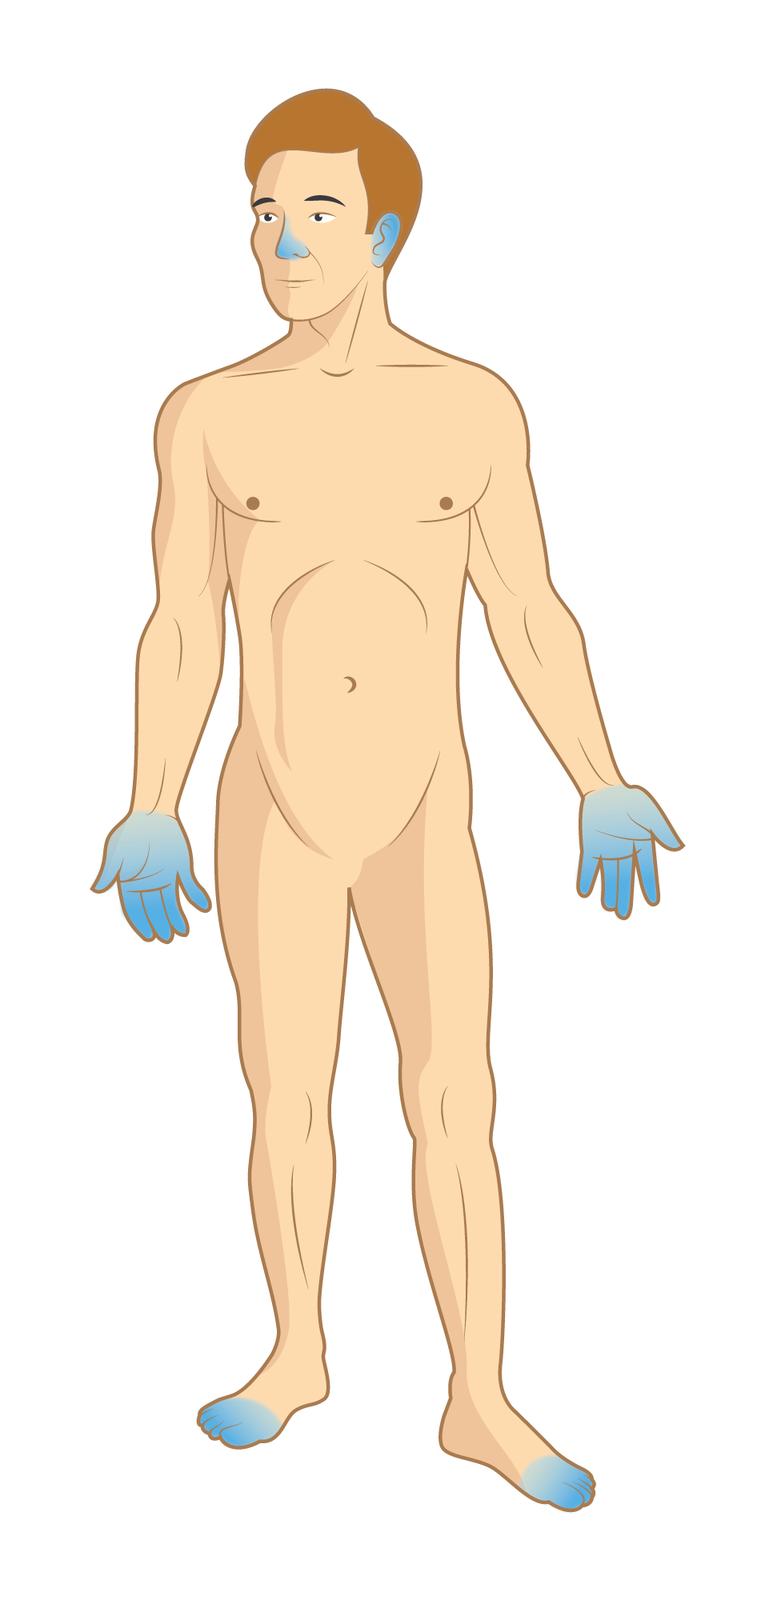 Ilustracja przedstawia mężczyznę bez ubioru. Mężczyzna stoi przodem do obserwatora ilustracji. Części ciała zabarwione na niebiesko wskazują miejsca, które najczęściej ulegają odmrożeniu. Są to: nos, uszy, dłonie oraz palce stóp.